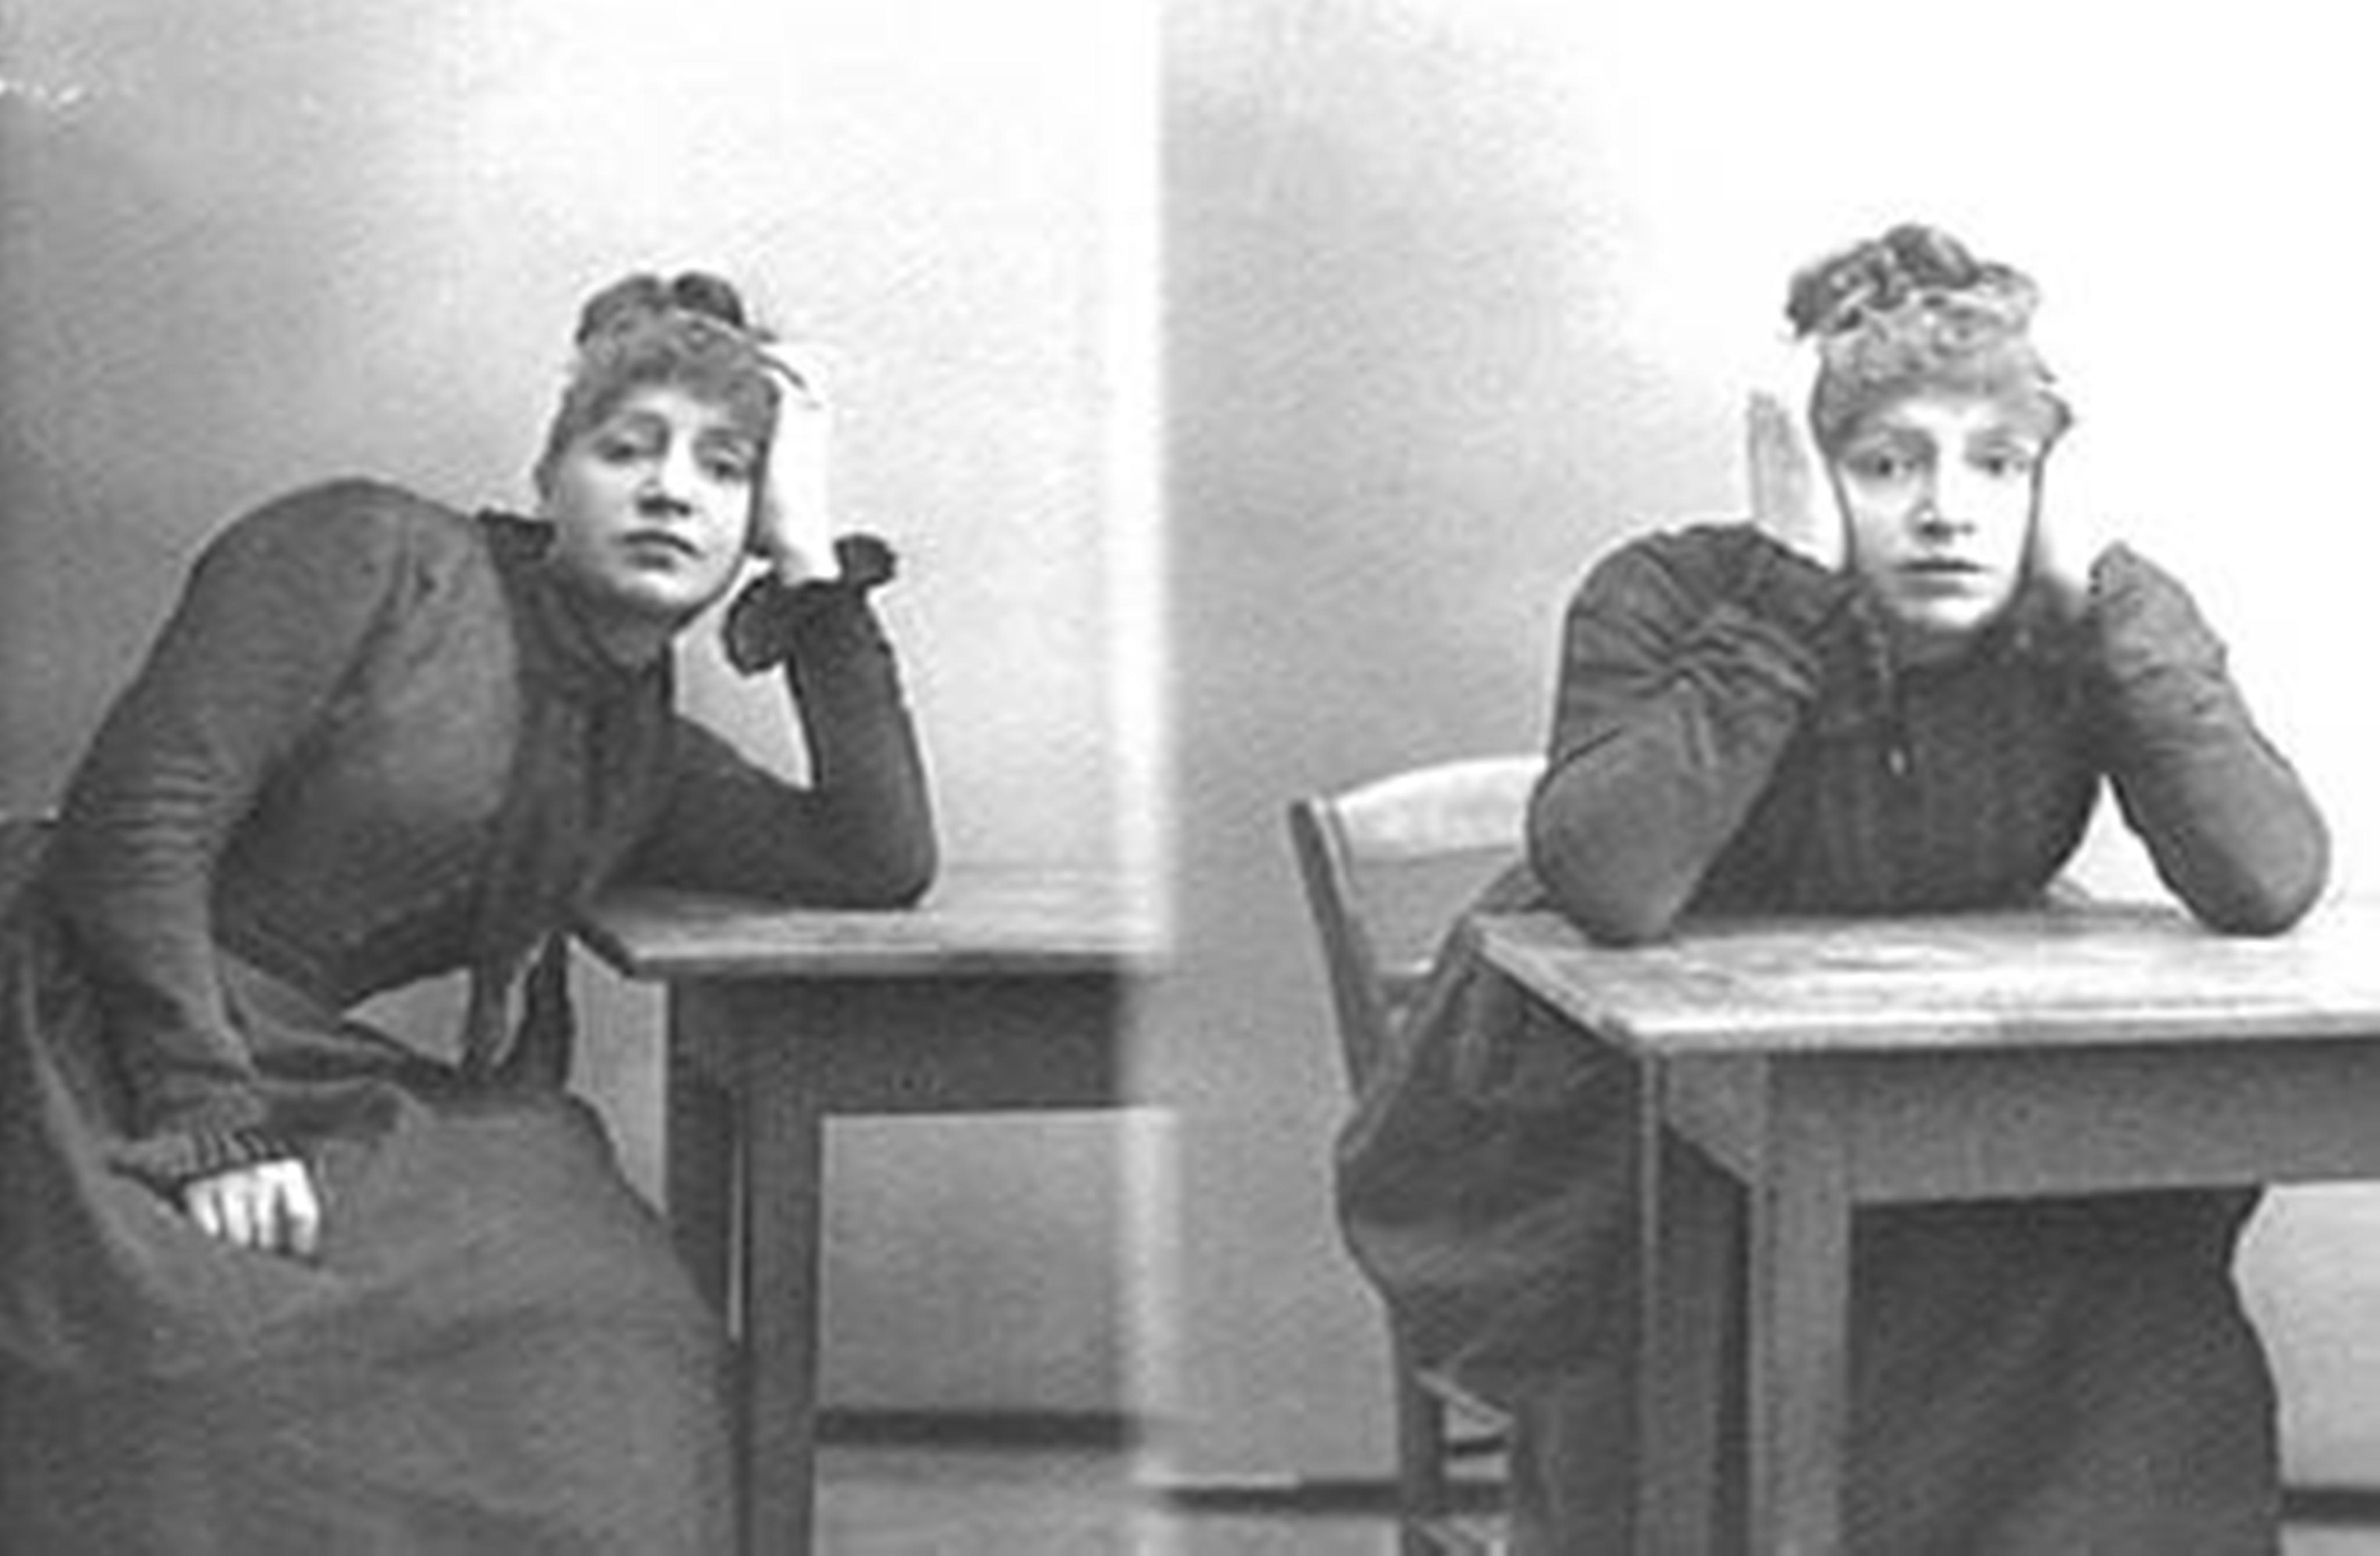 """Image - Jane Meloy dans<em> L'Assommoir</em> au Châtelet, 1886"""" /></a></p> </div><h3>Commentaires</h3><p><em style="""